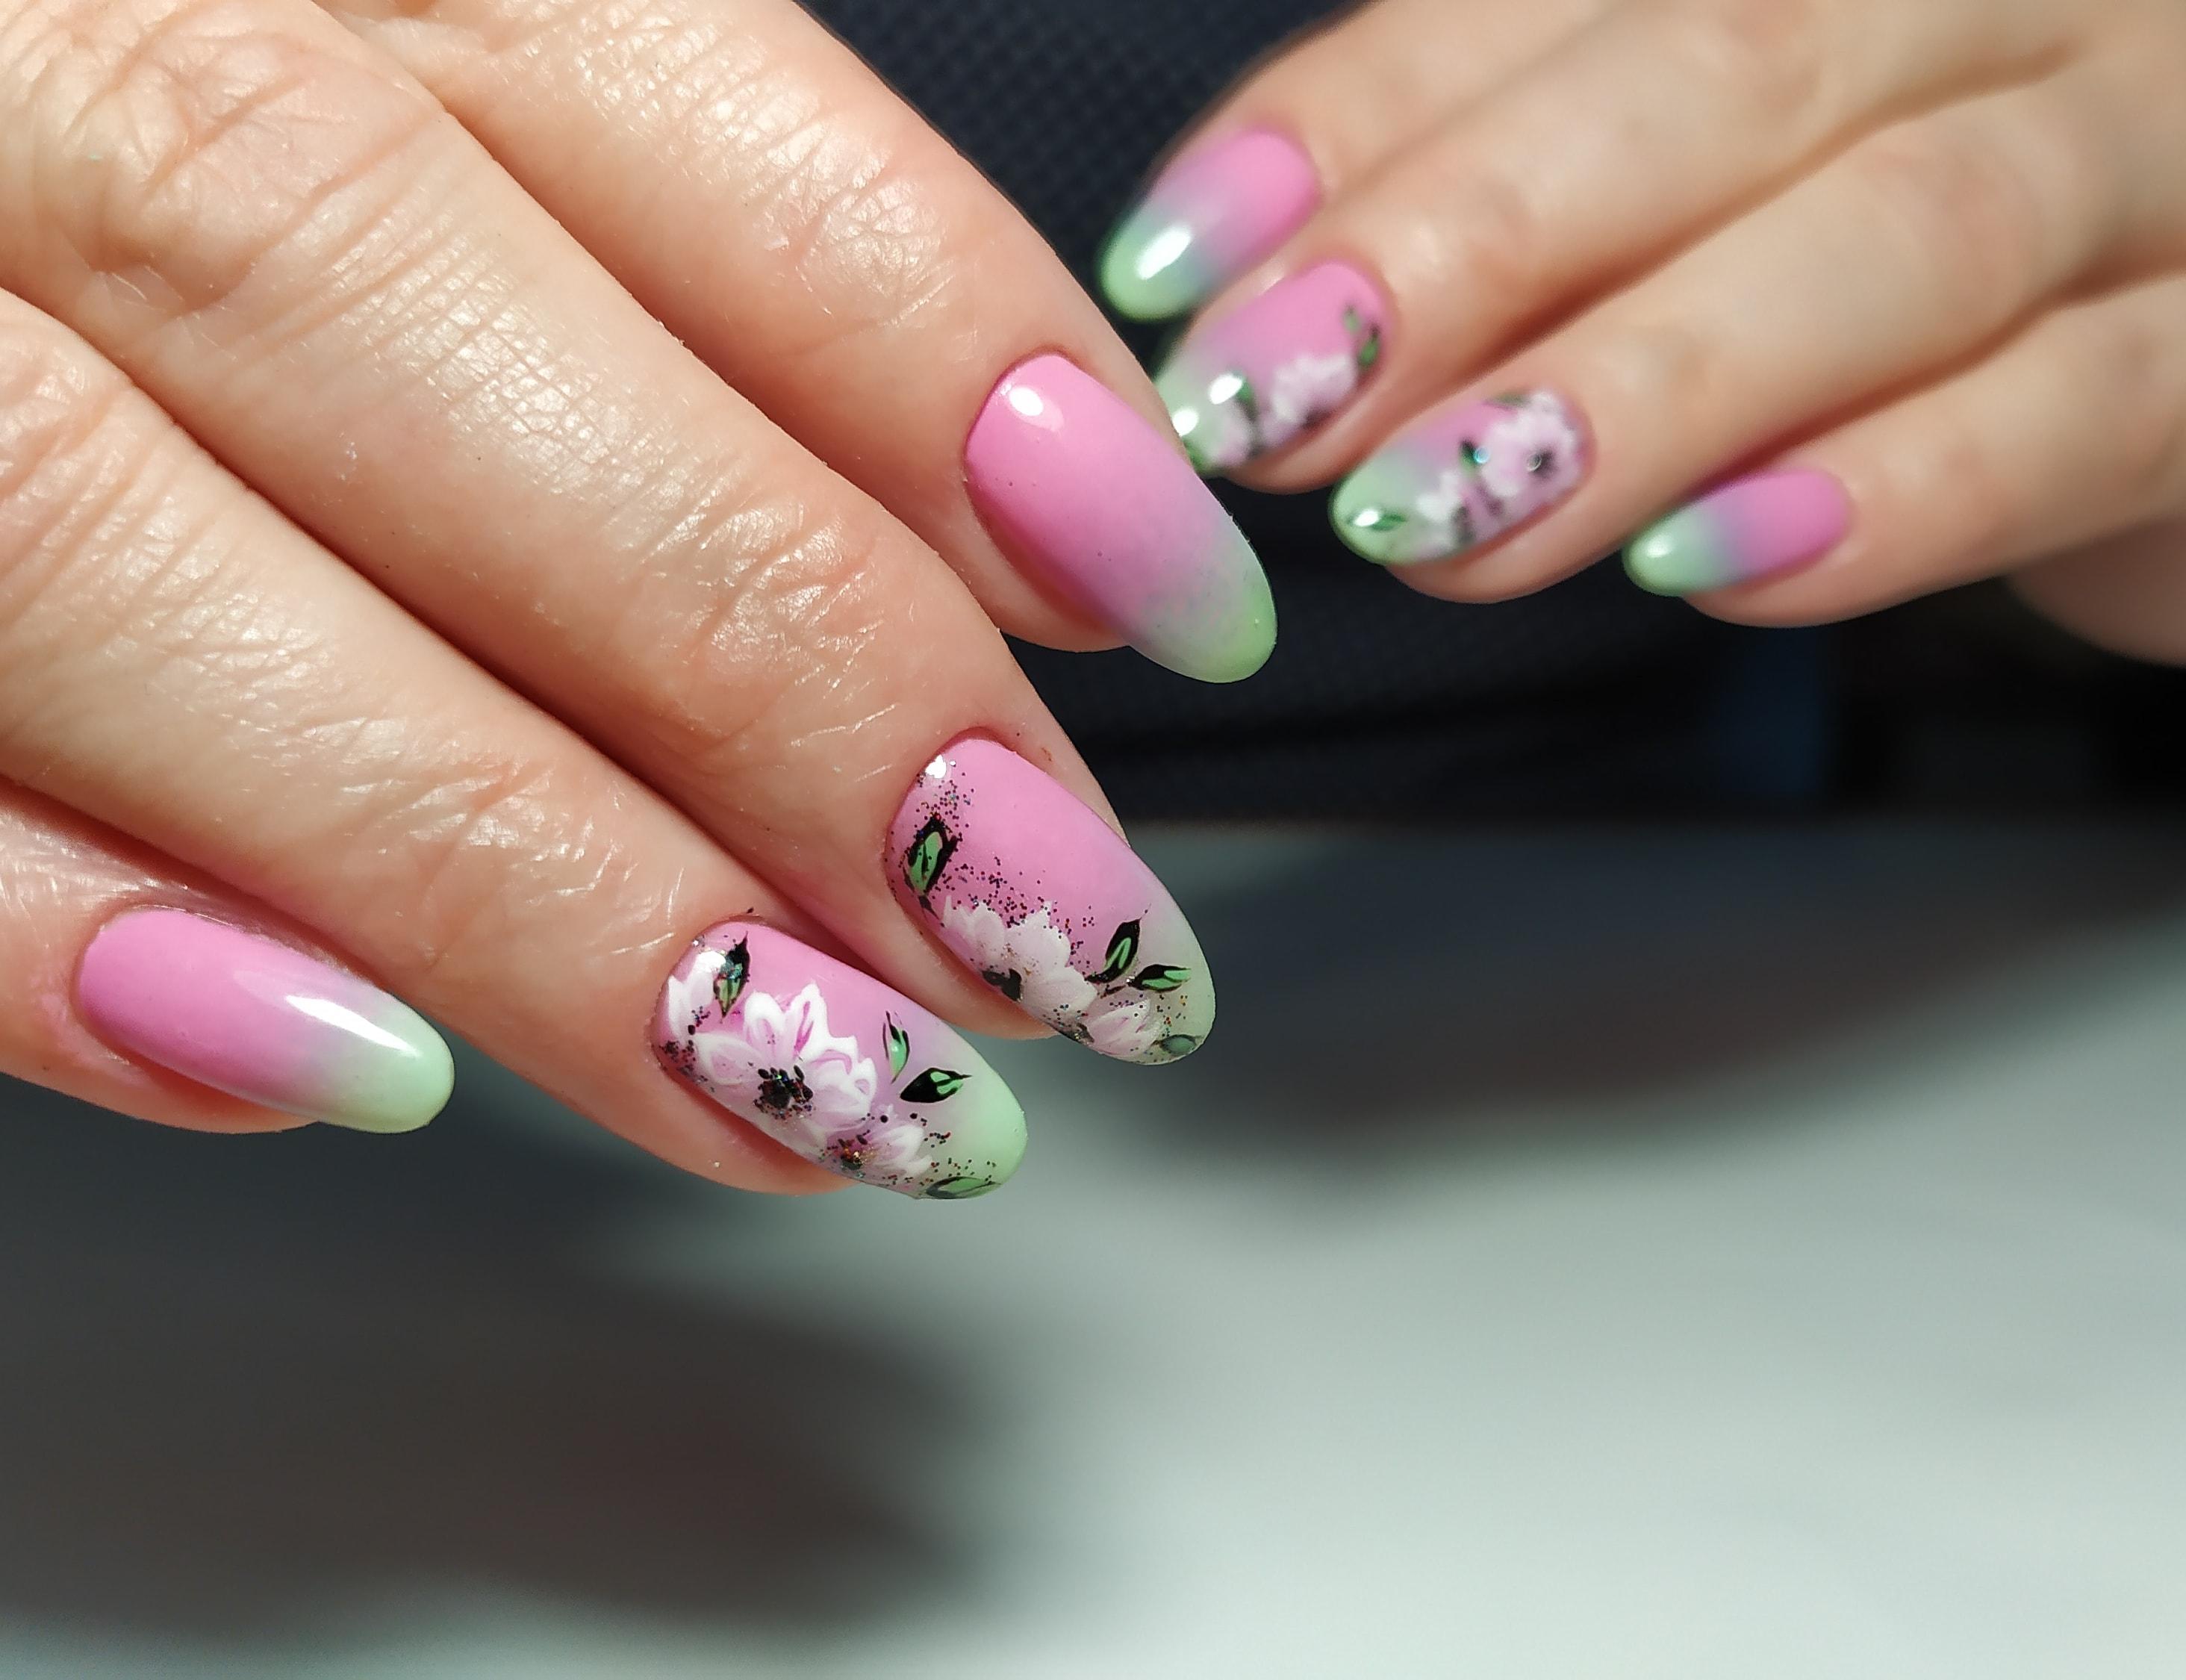 Маникюр с градиентом и цветочным рисунком на длинные ногти.